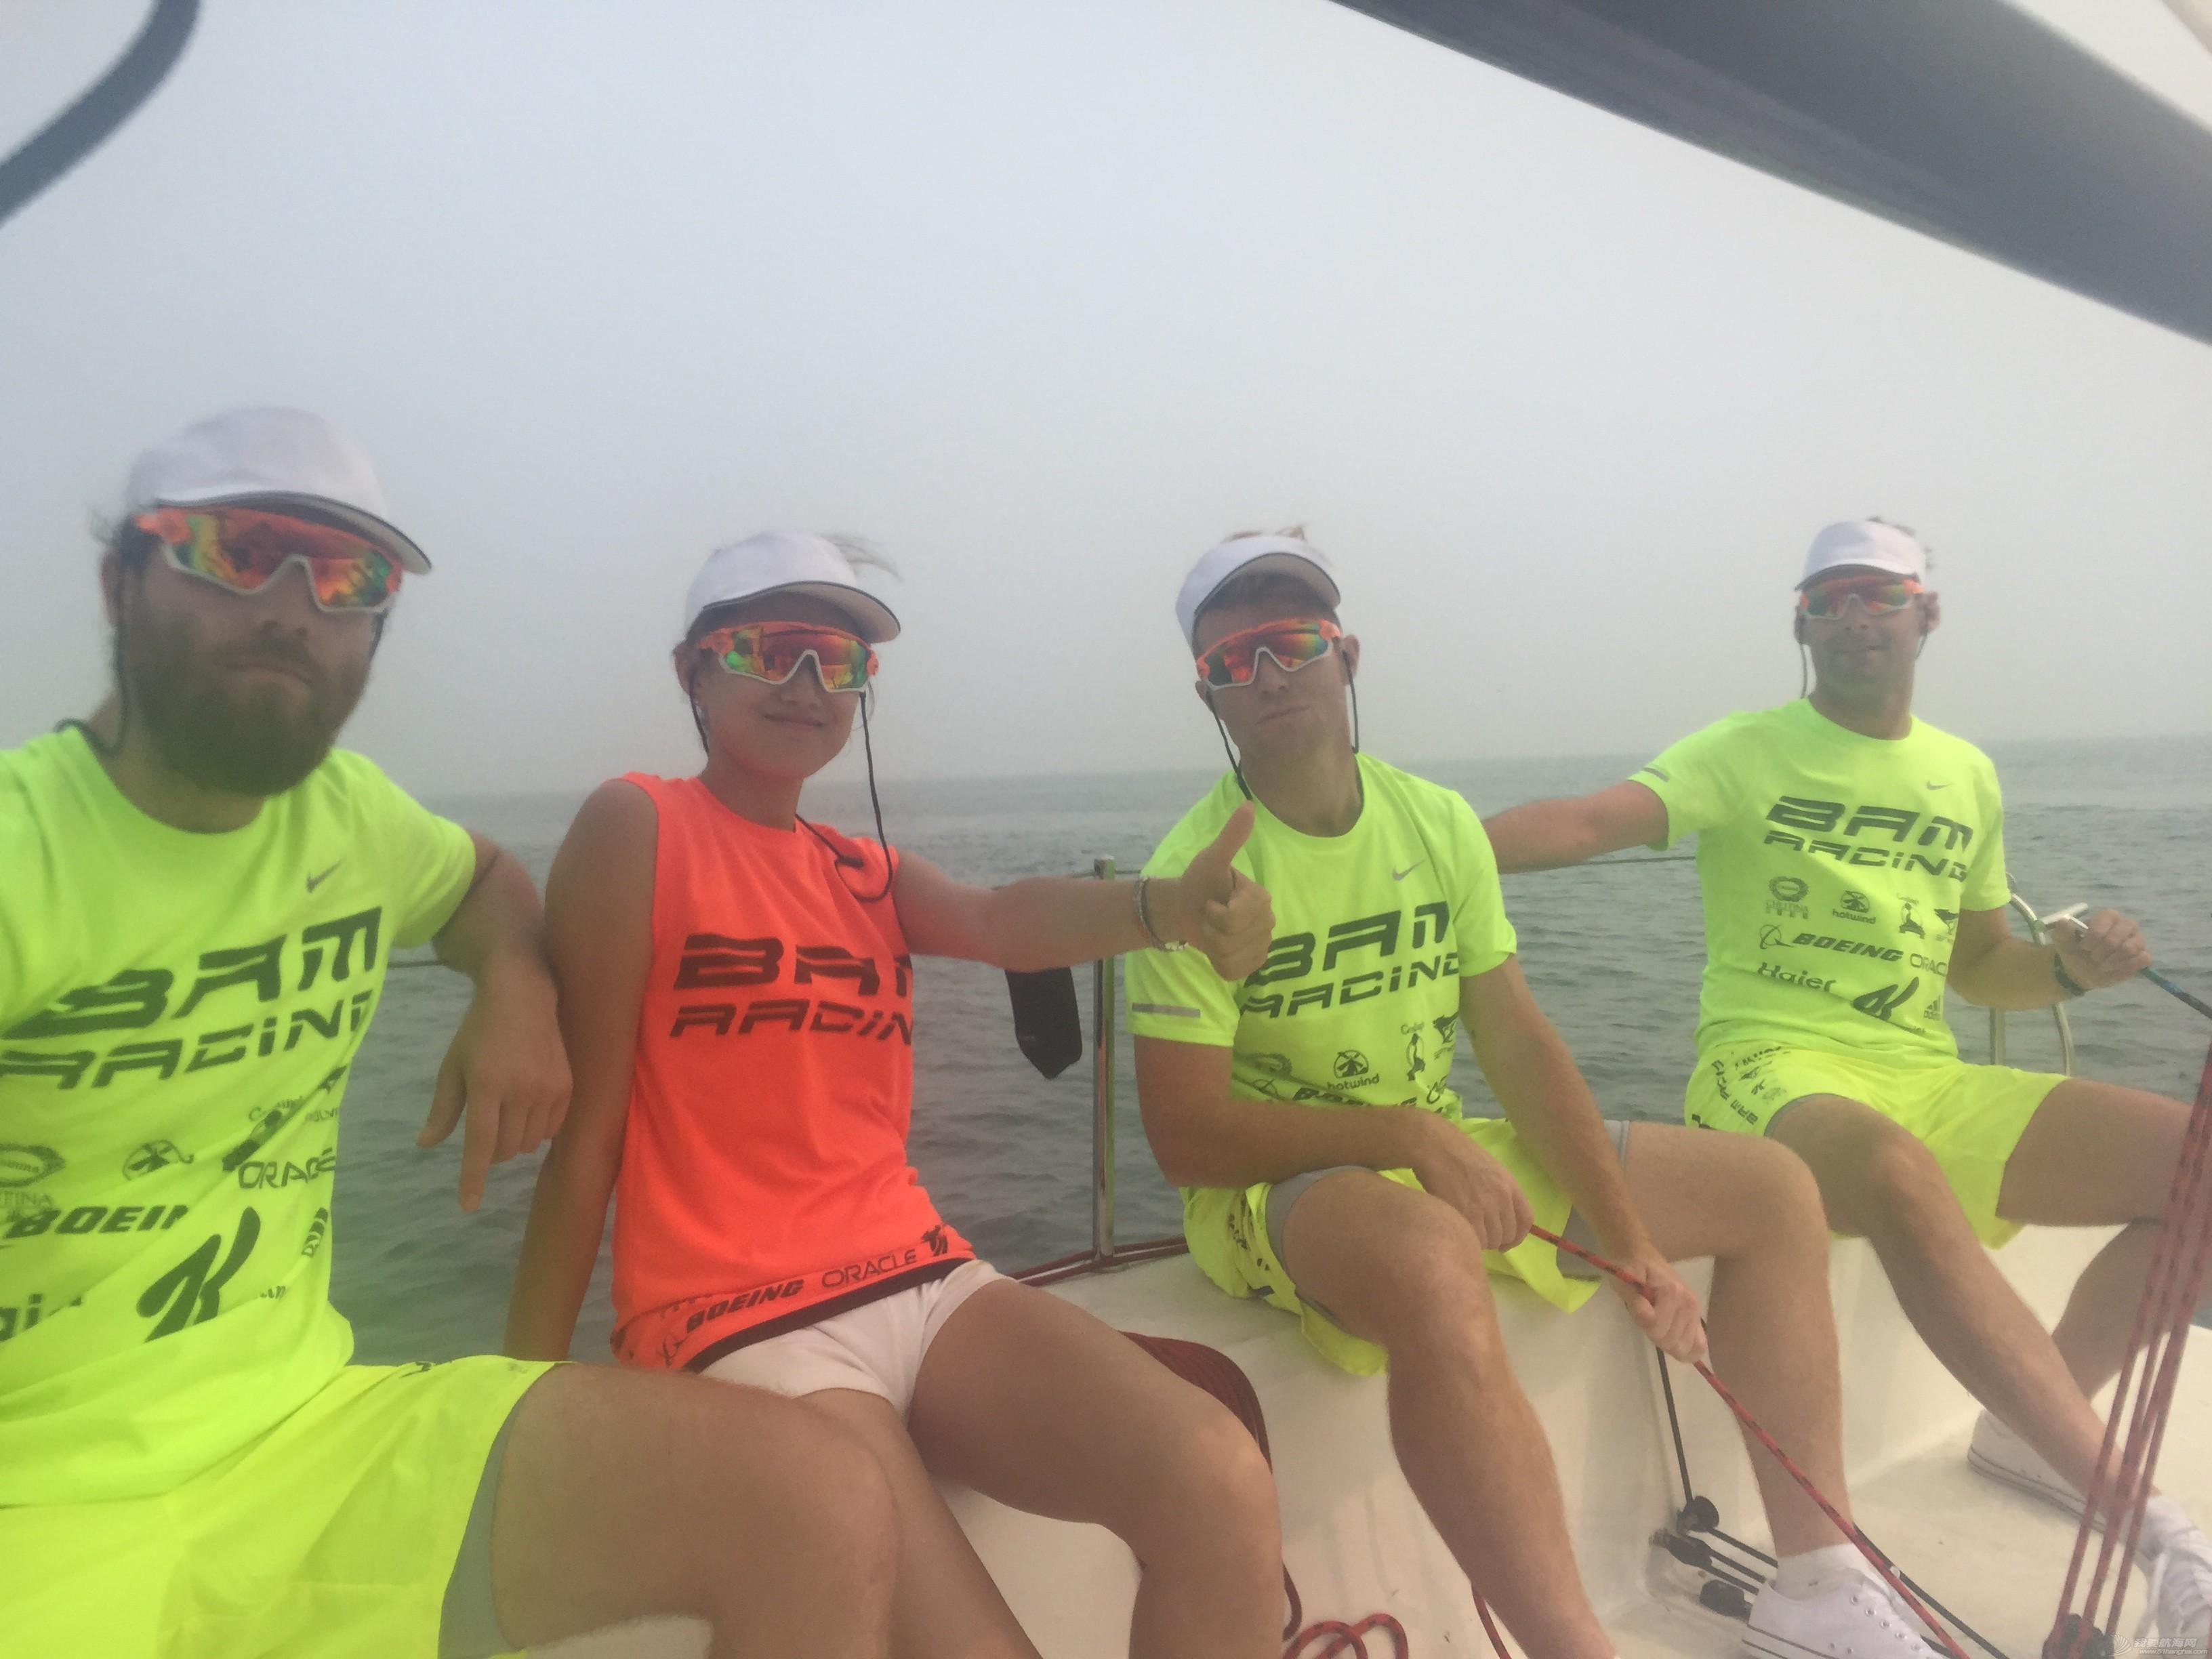 美国,朋友,帆船,国际,威海 帆船初体验——记参加威海杯国际帆船赛 船上合影